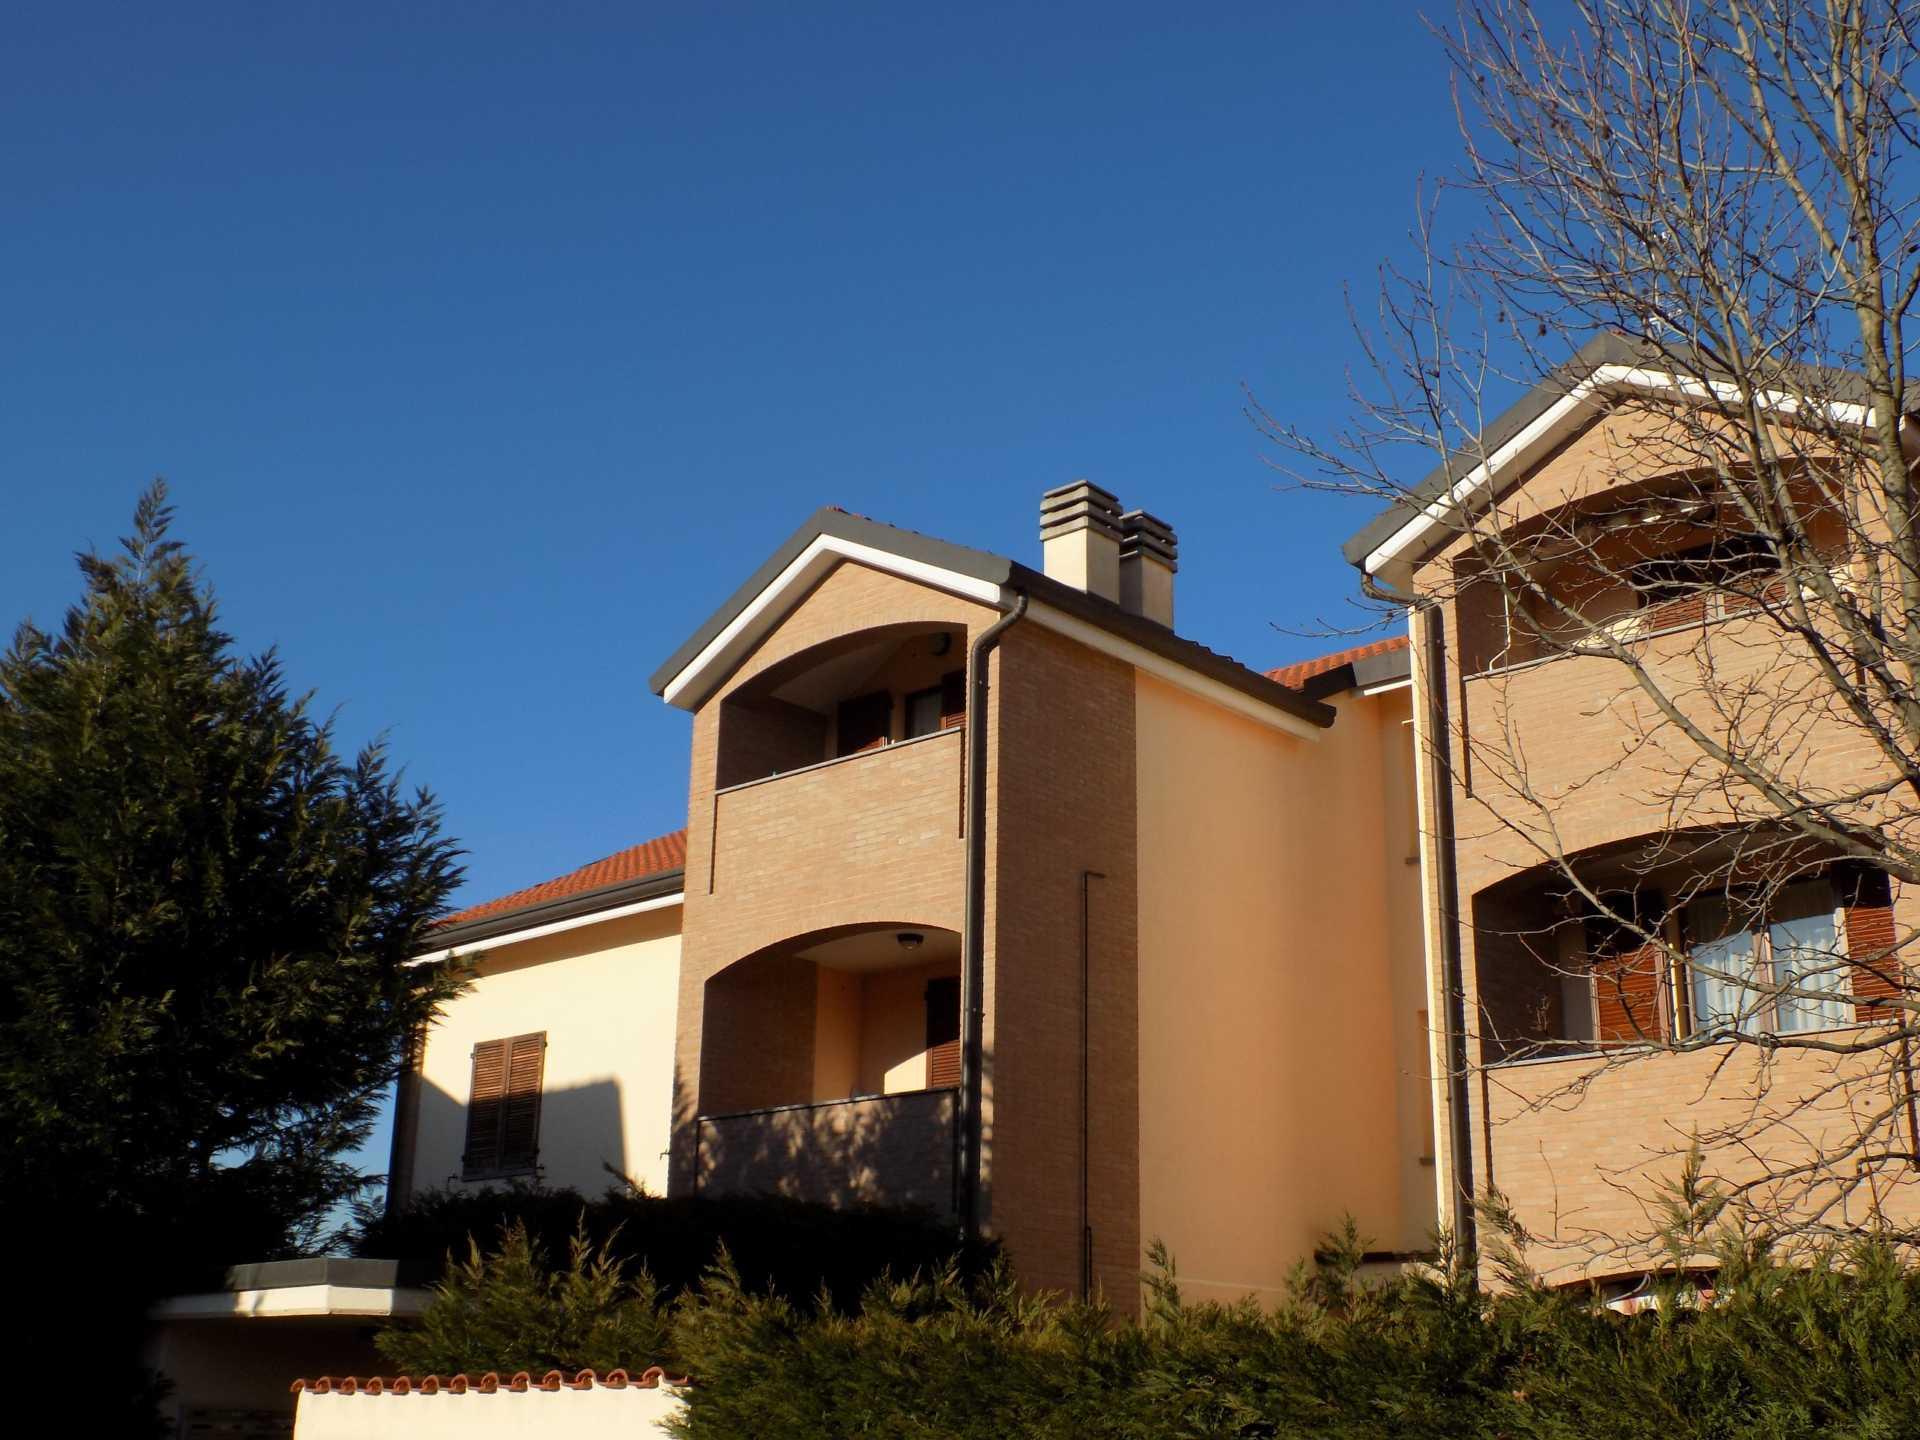 Bernareggio-appartamento-in-vendita (1)